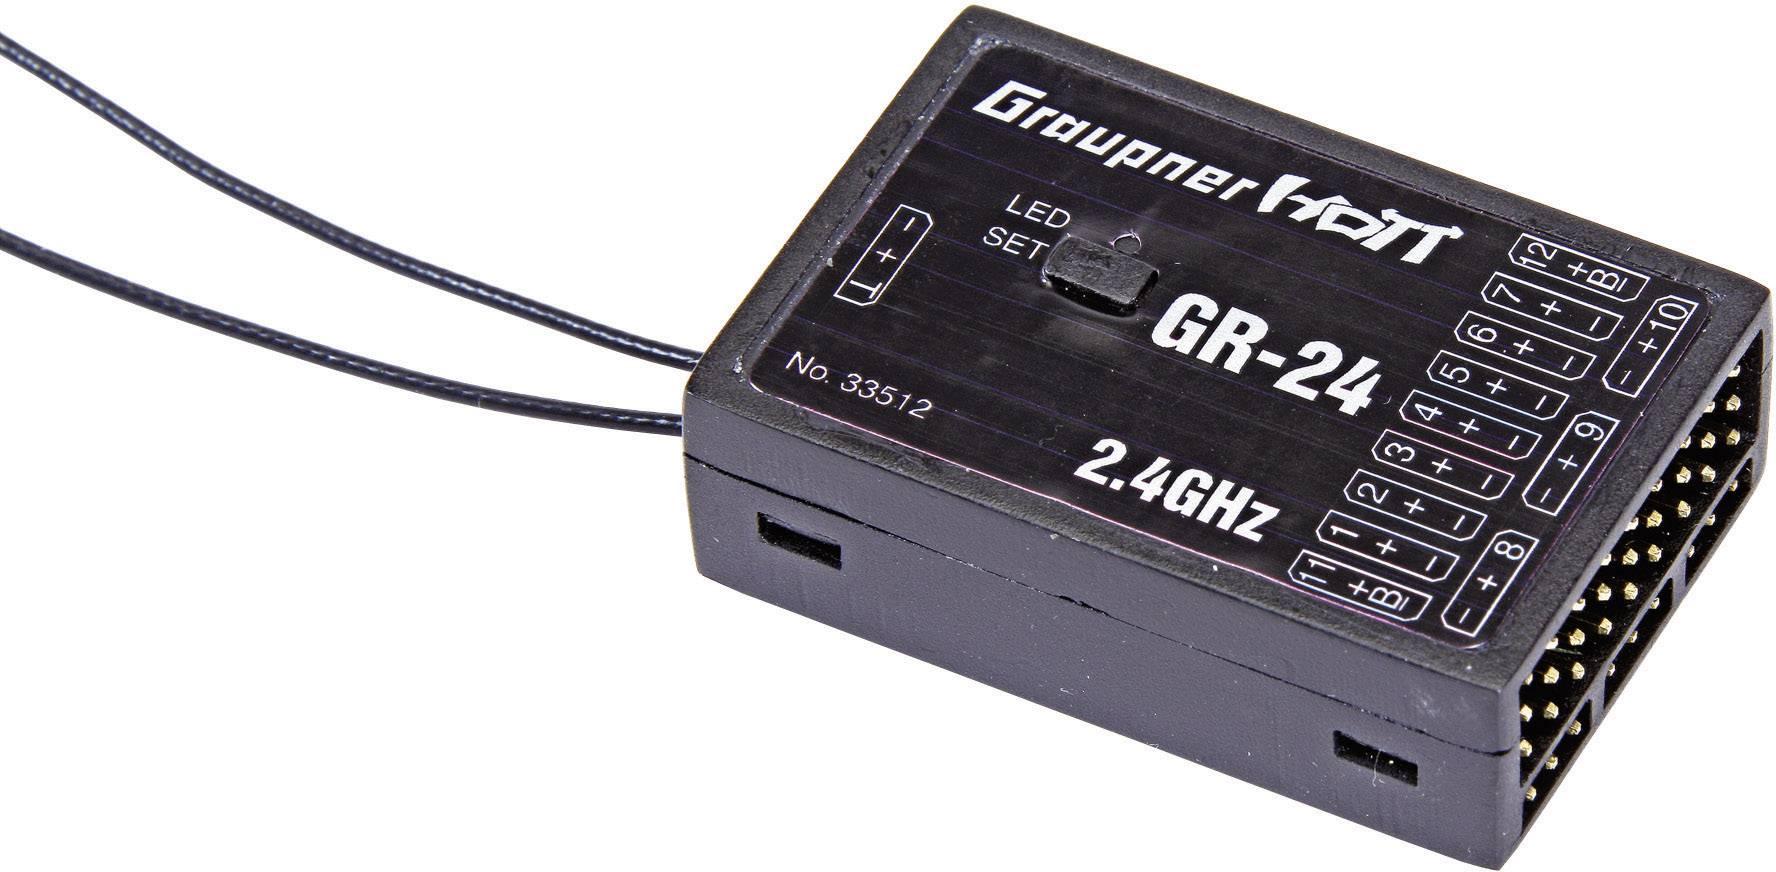 Přijímač Graupner GR-24 HoTT, 2,4 GHz FHSS, 12 kanálů, JR